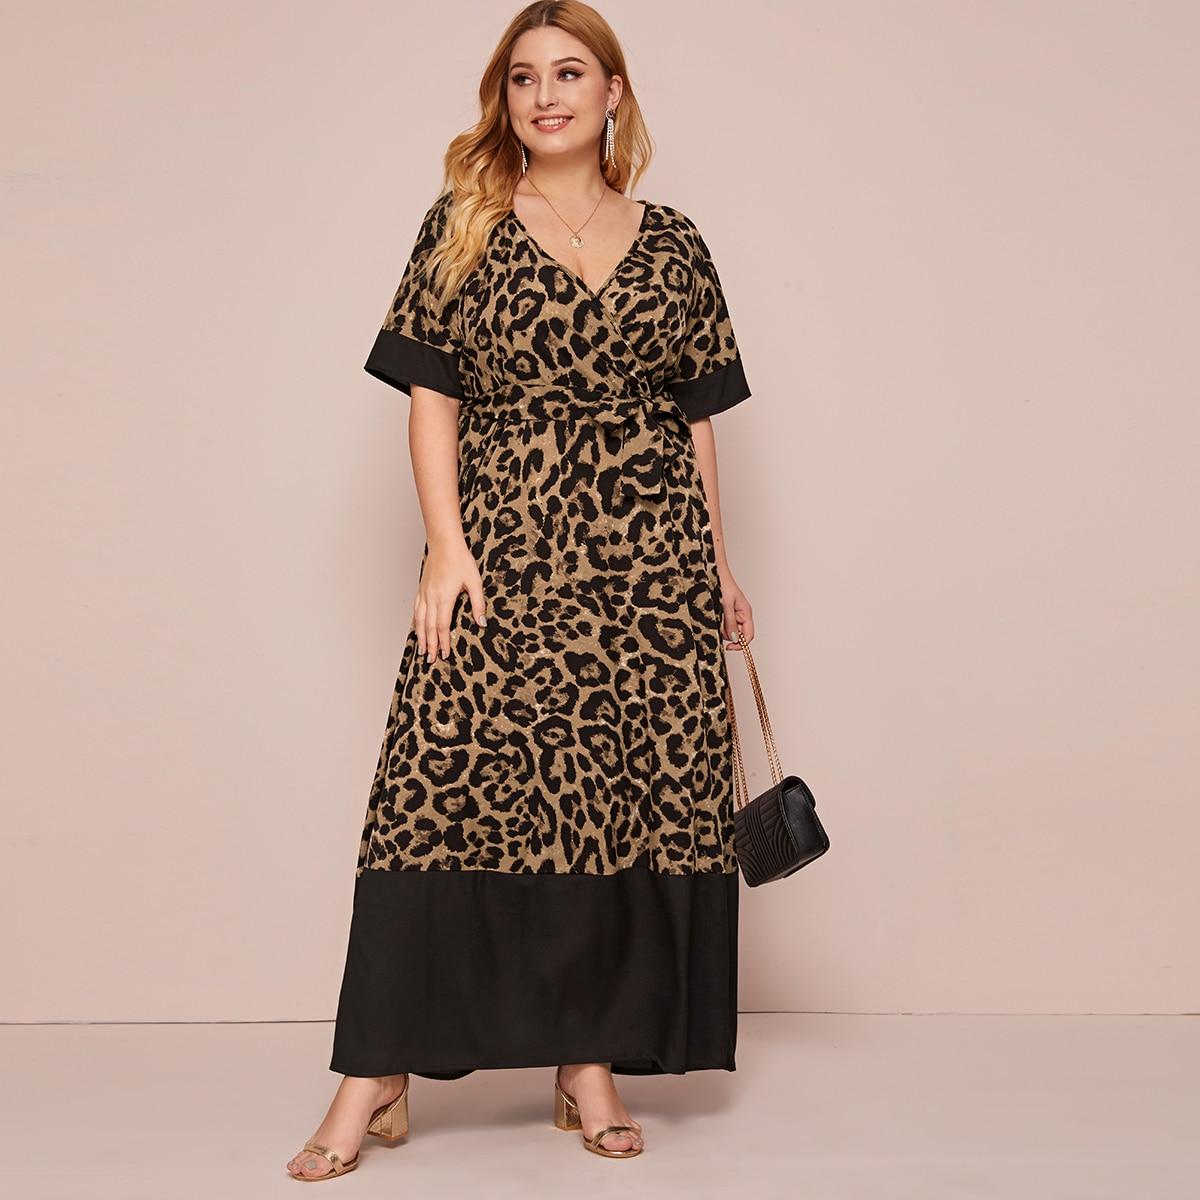 SHEIN / Vestido cruzado con cinturón con estampado de leopardo - grande